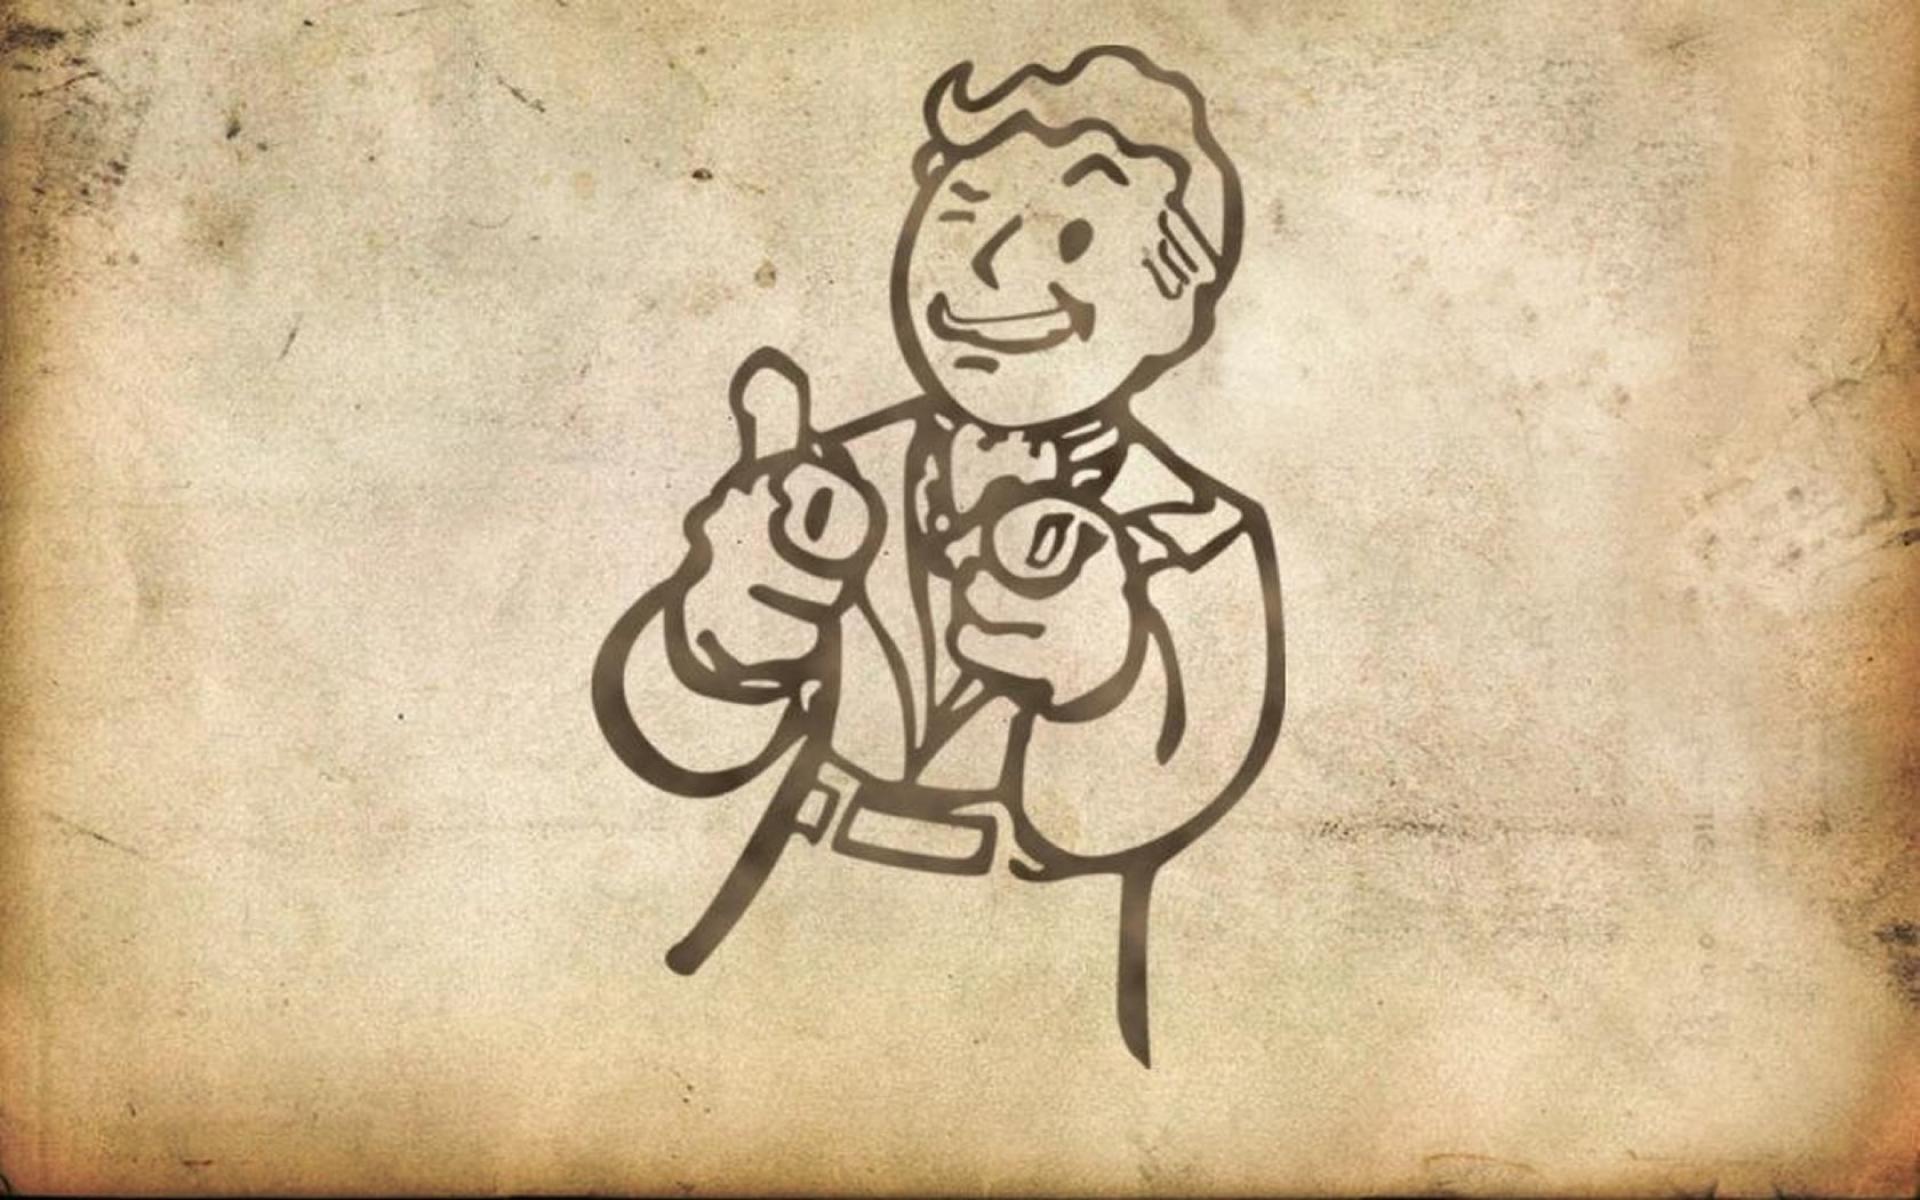 1920x1200_fallout-vault-boy-games-HD-Wallpaper.jpg …